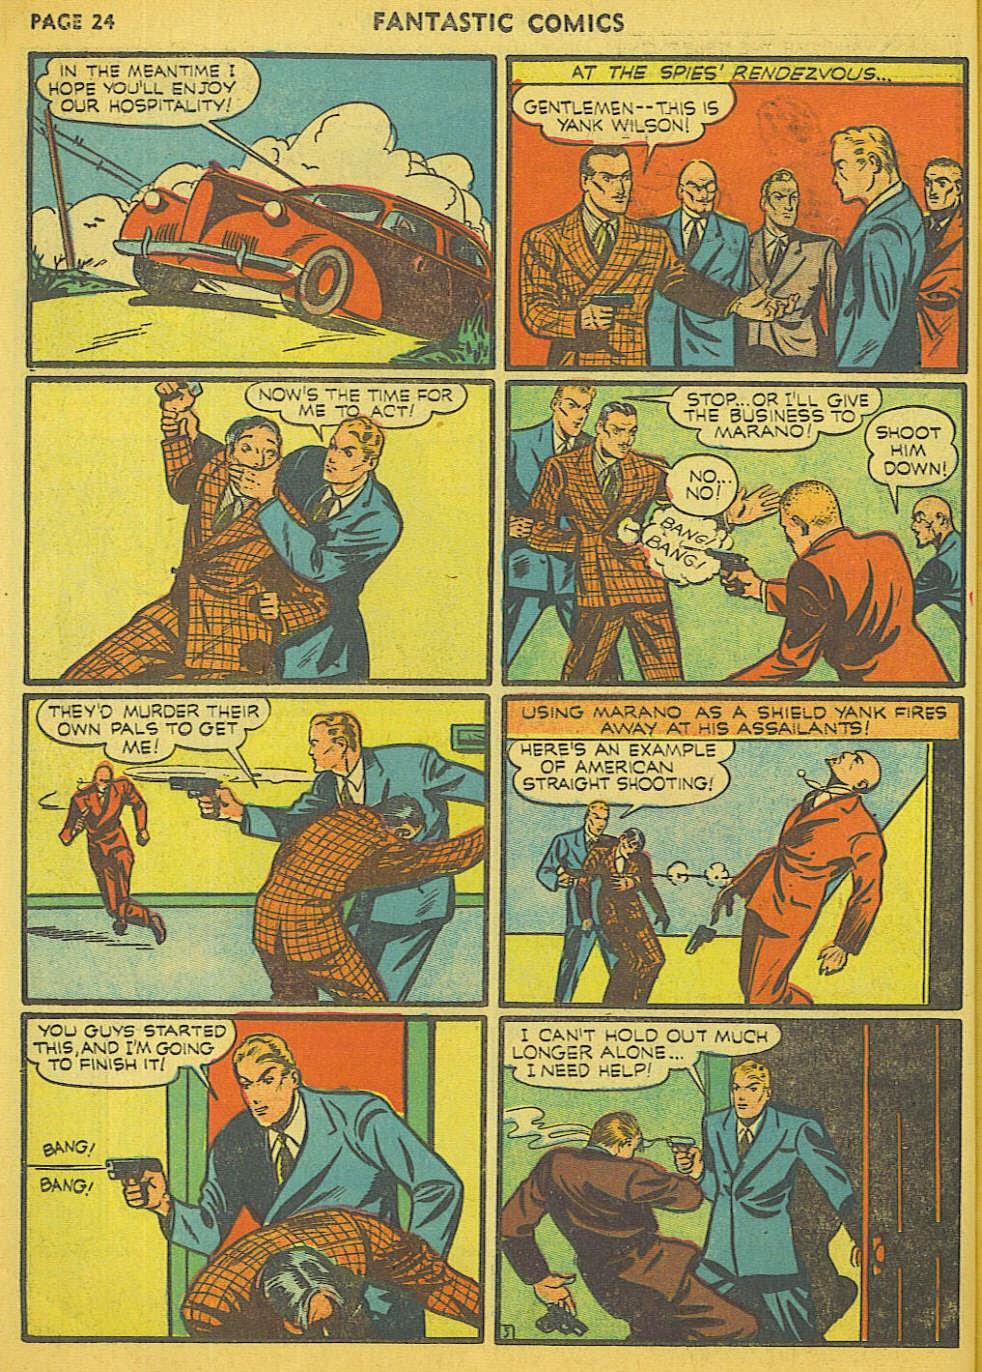 Read online Fantastic Comics comic -  Issue #15 - 18